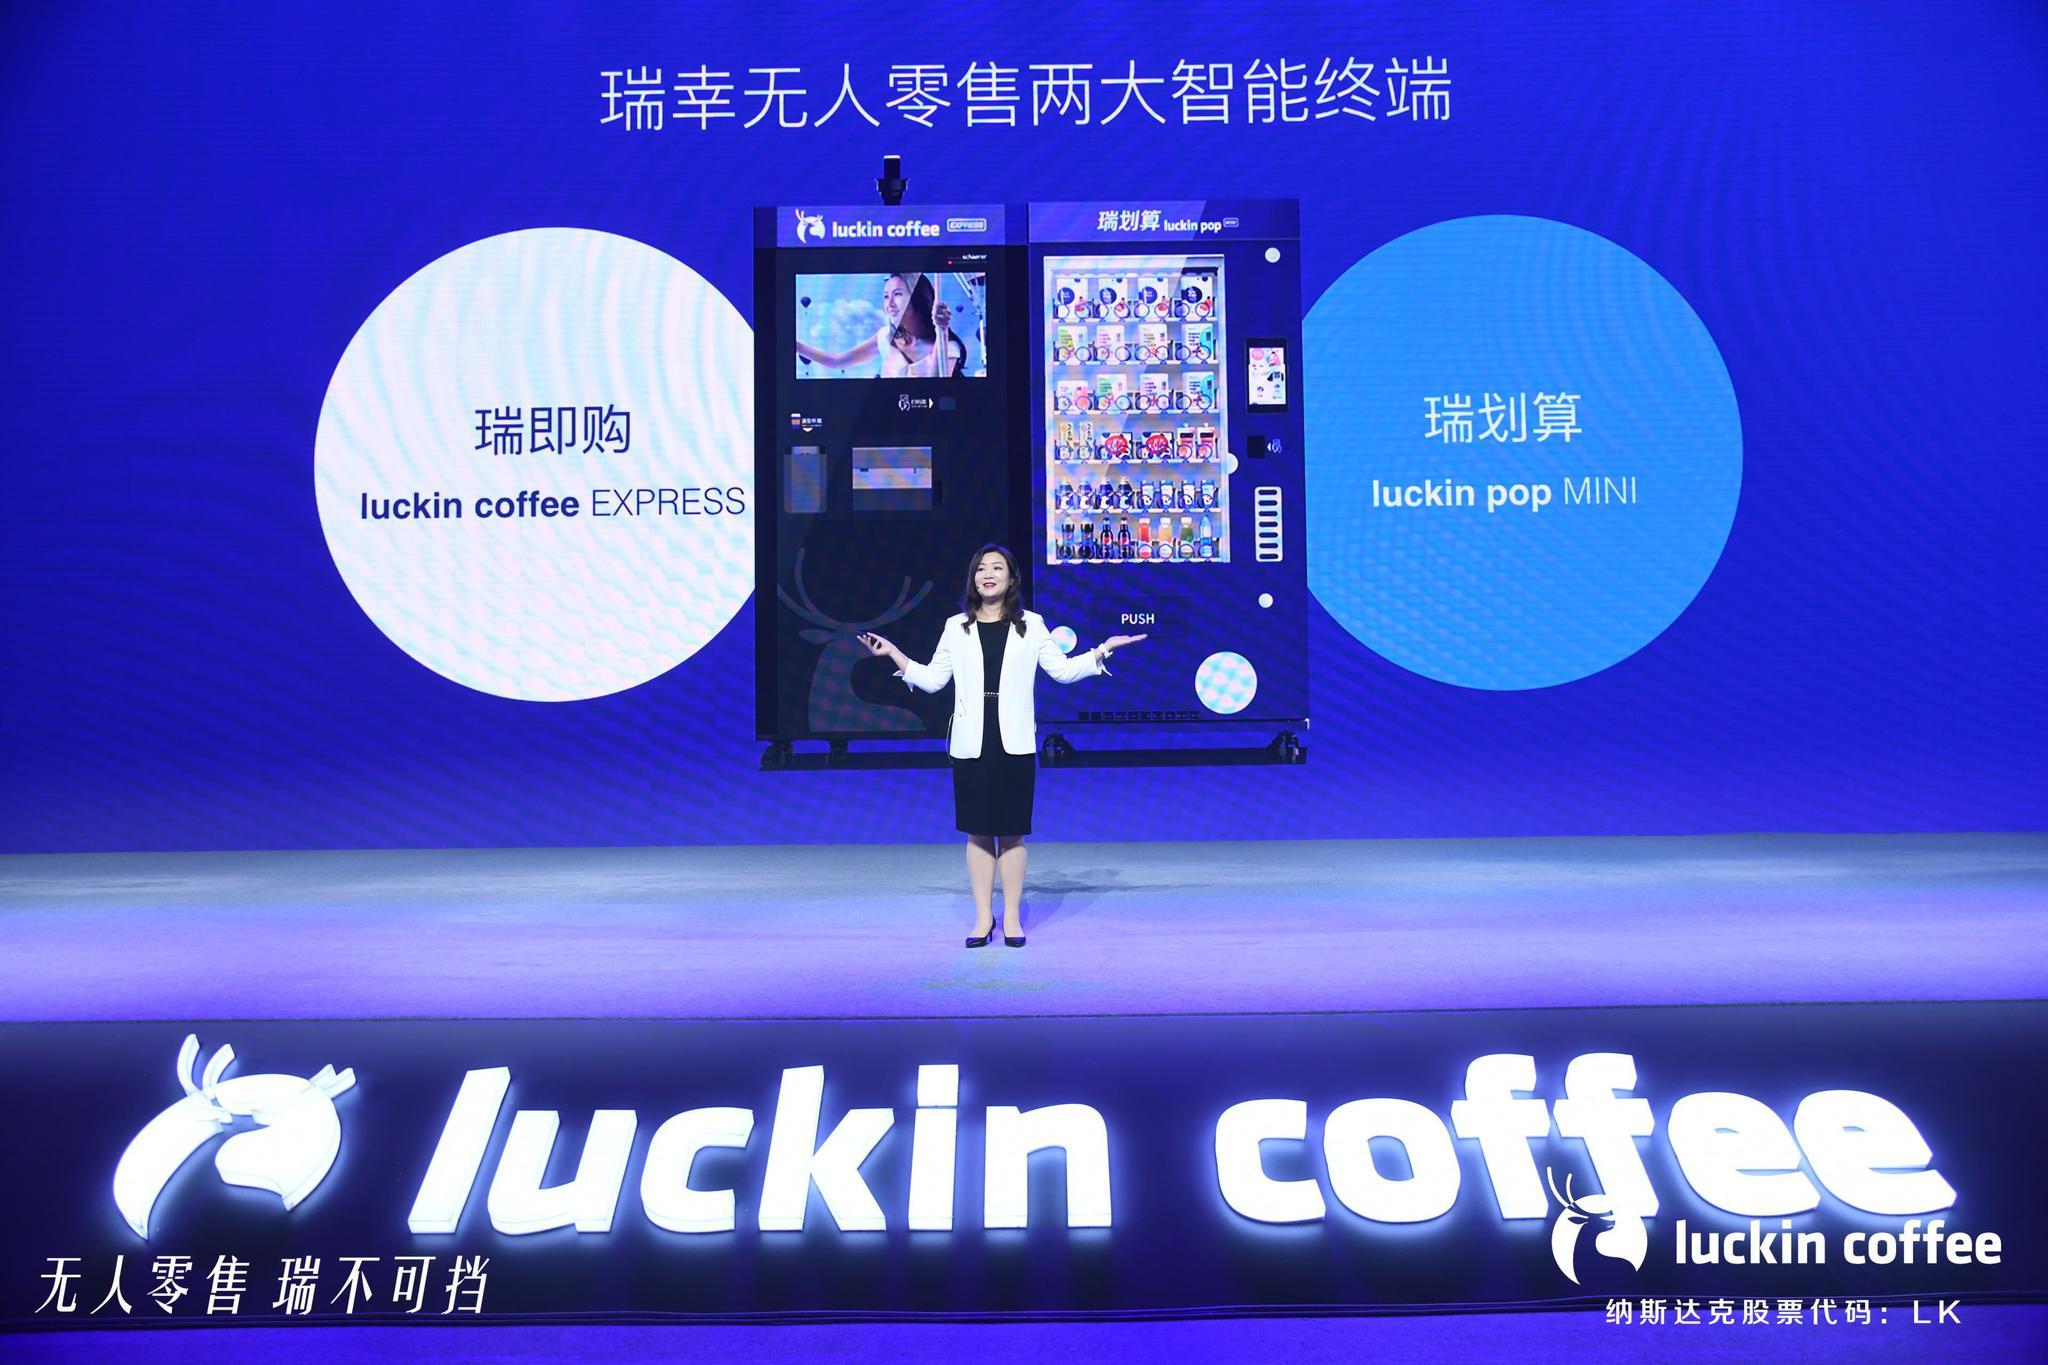 直营门店数量达4507家后,瑞幸咖啡开启无人零售战略图片